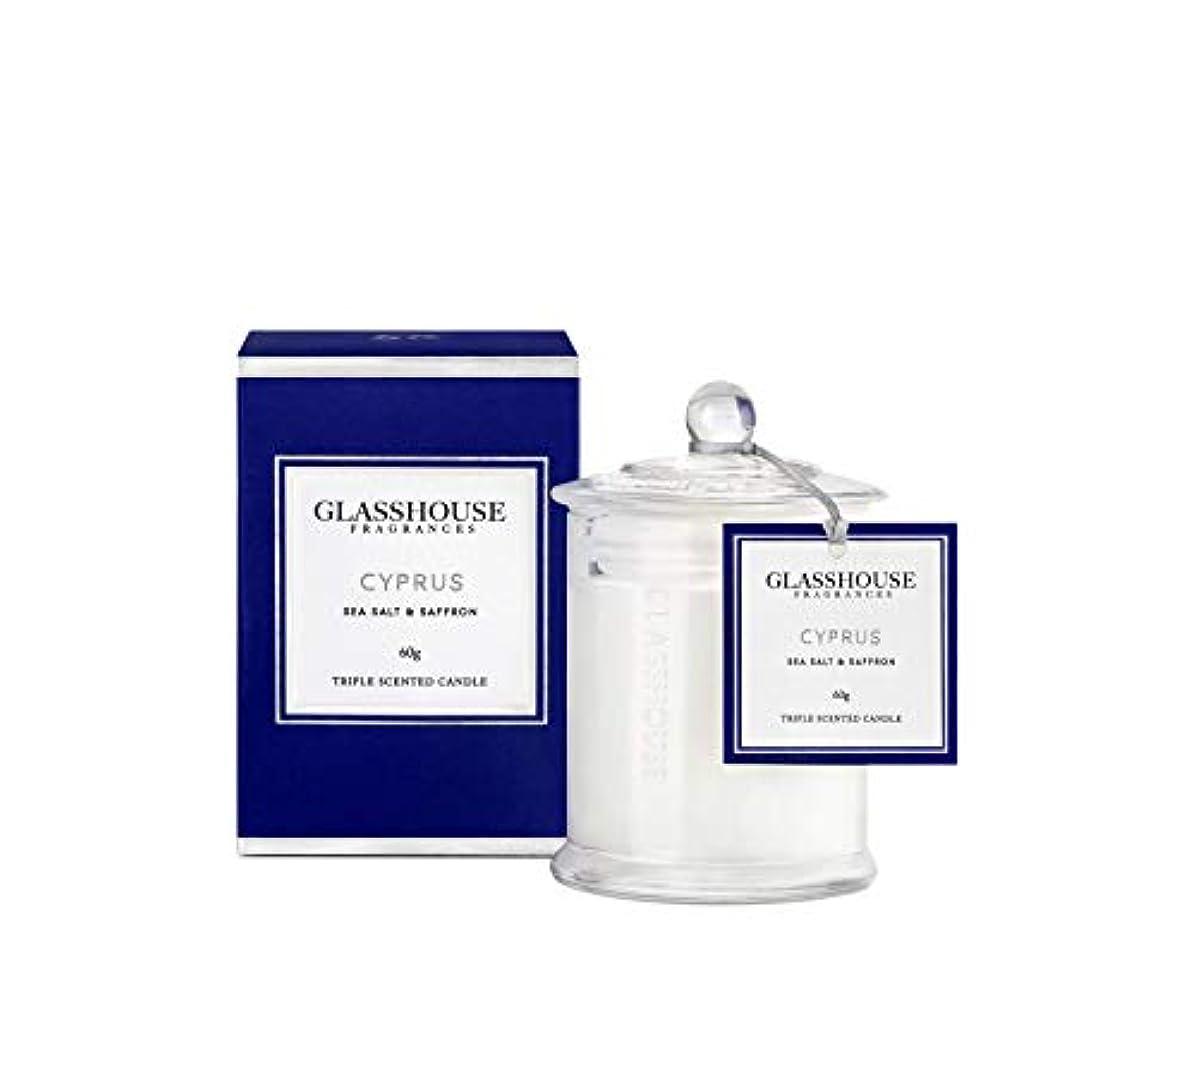 ポイント第反逆グラスハウス Triple Scented Candle - Cyprus (Sea Salt & Saffron) 60g並行輸入品